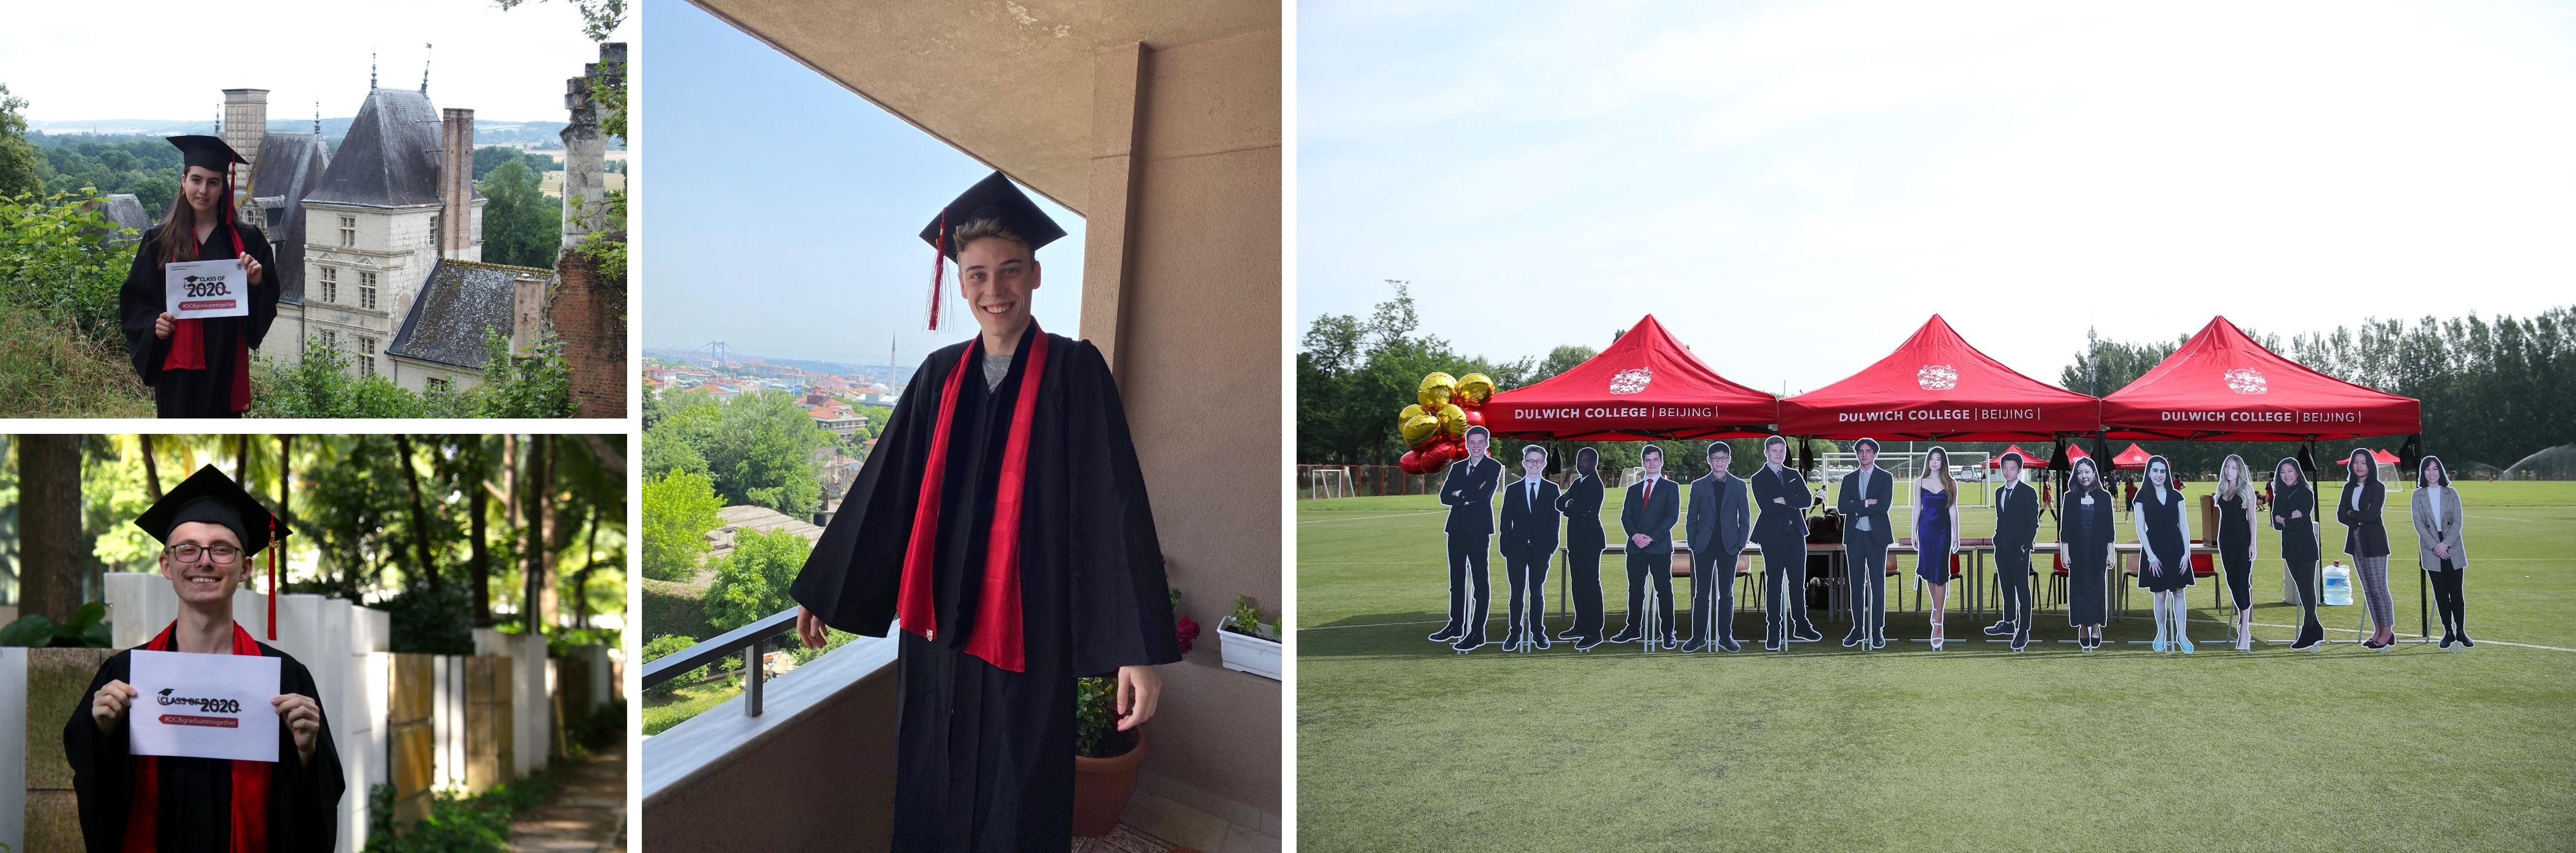 overseas-graduates-Dulwich_College_Beijing-20200701-103608-956